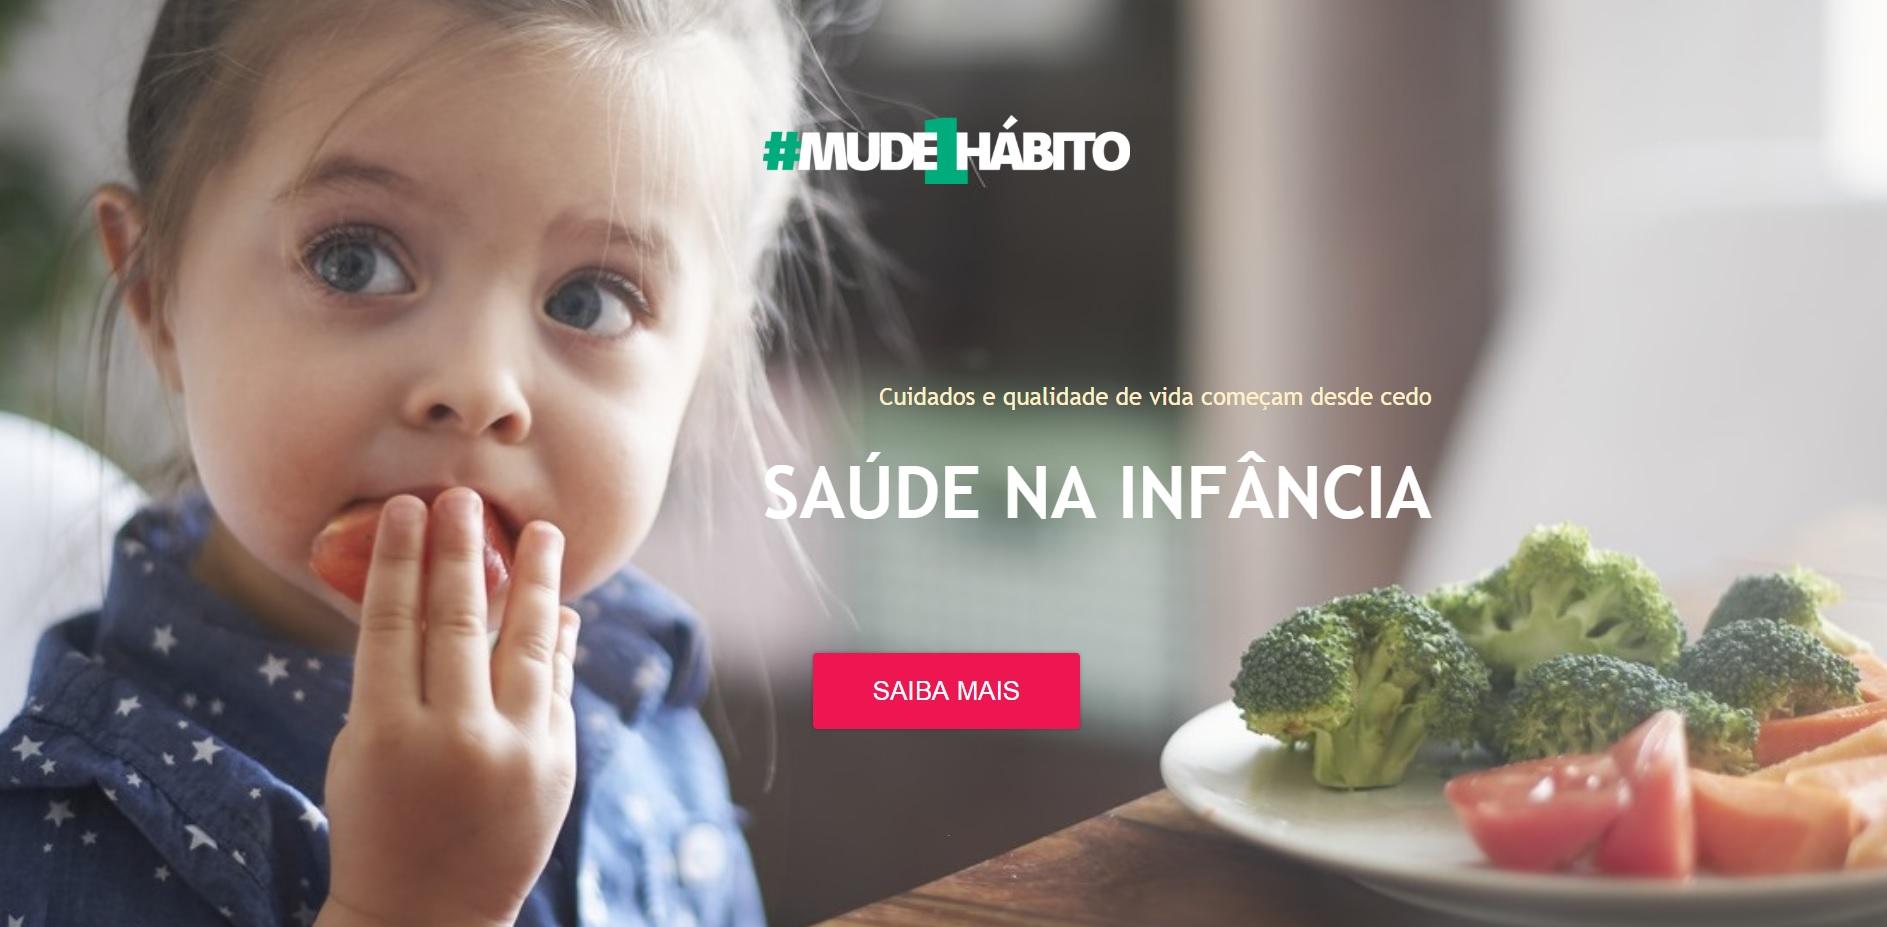 Banner mostra sobre o projeto Mude um Hábito